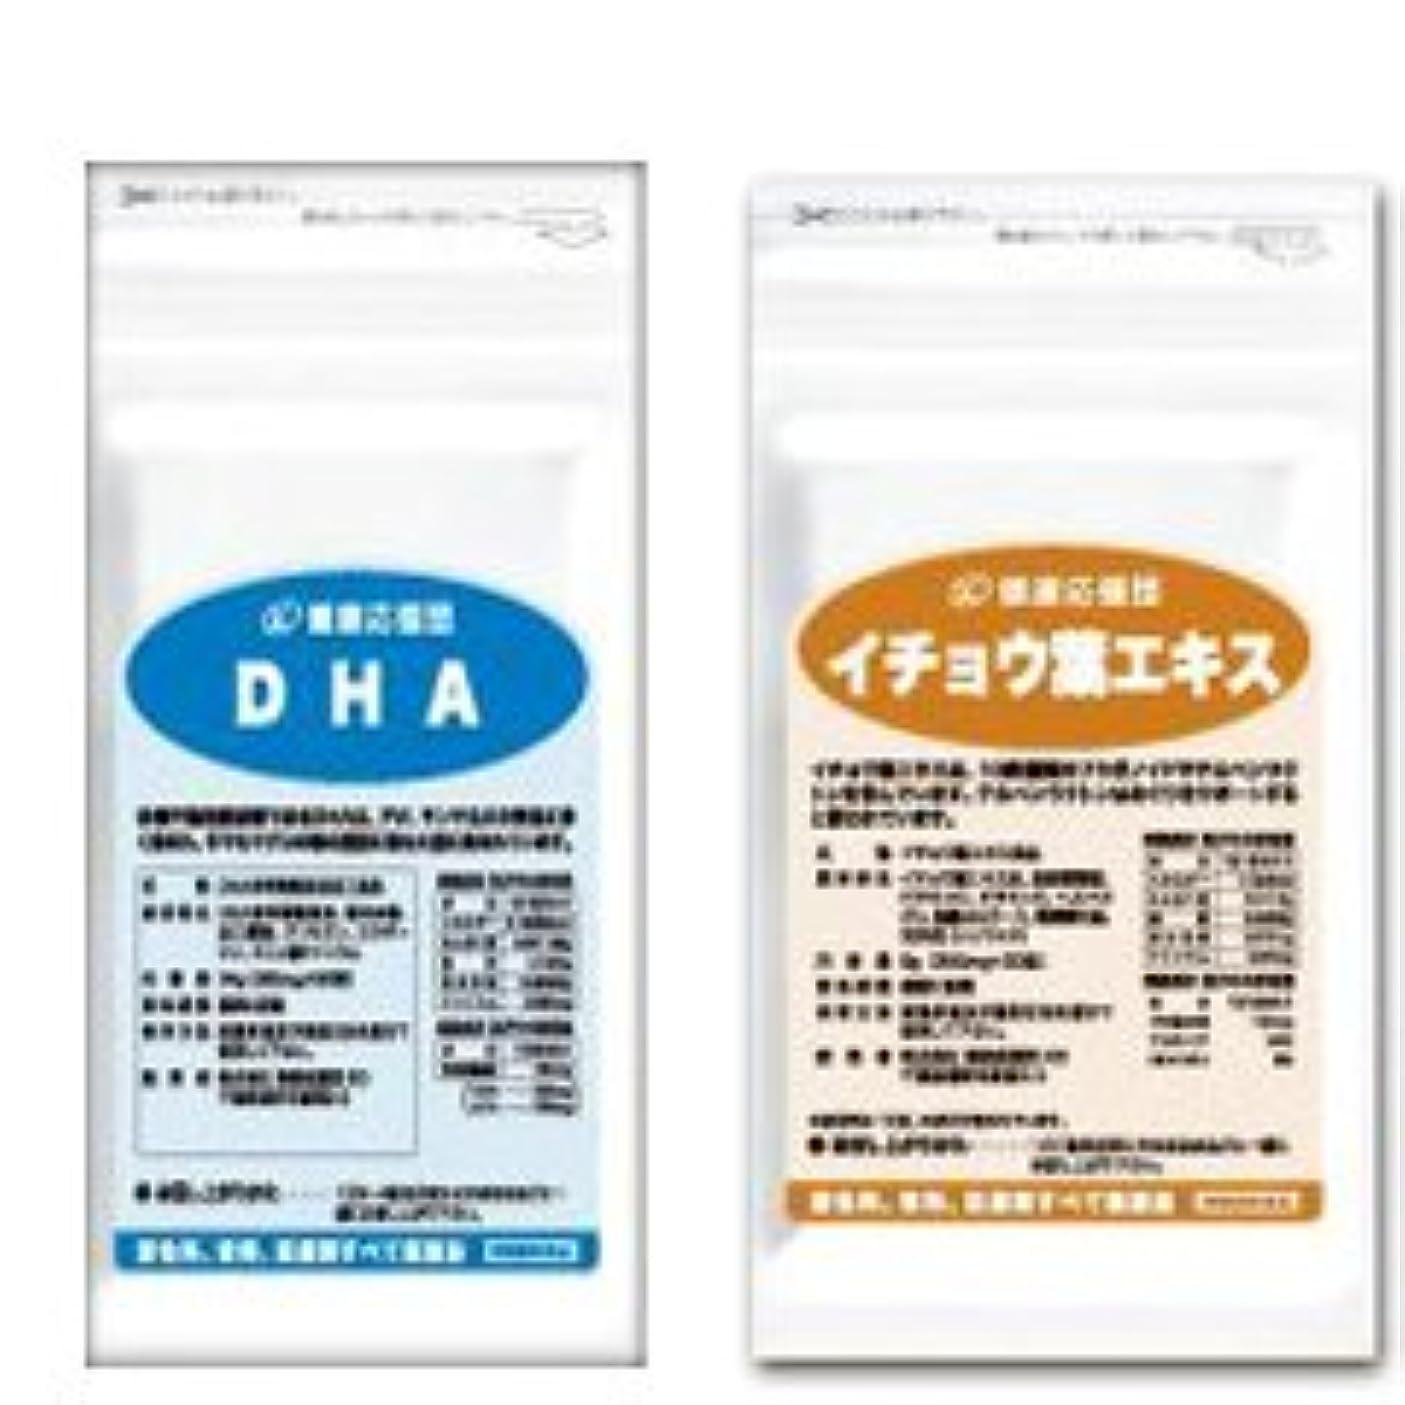 (お徳用3か月分)サラサラ巡りセット DHA + イチョウ葉エキス 3袋&3袋セット(DHA?EPA?イチョウ葉?ビタミンC?ビタミンE?ビタミンP配合)